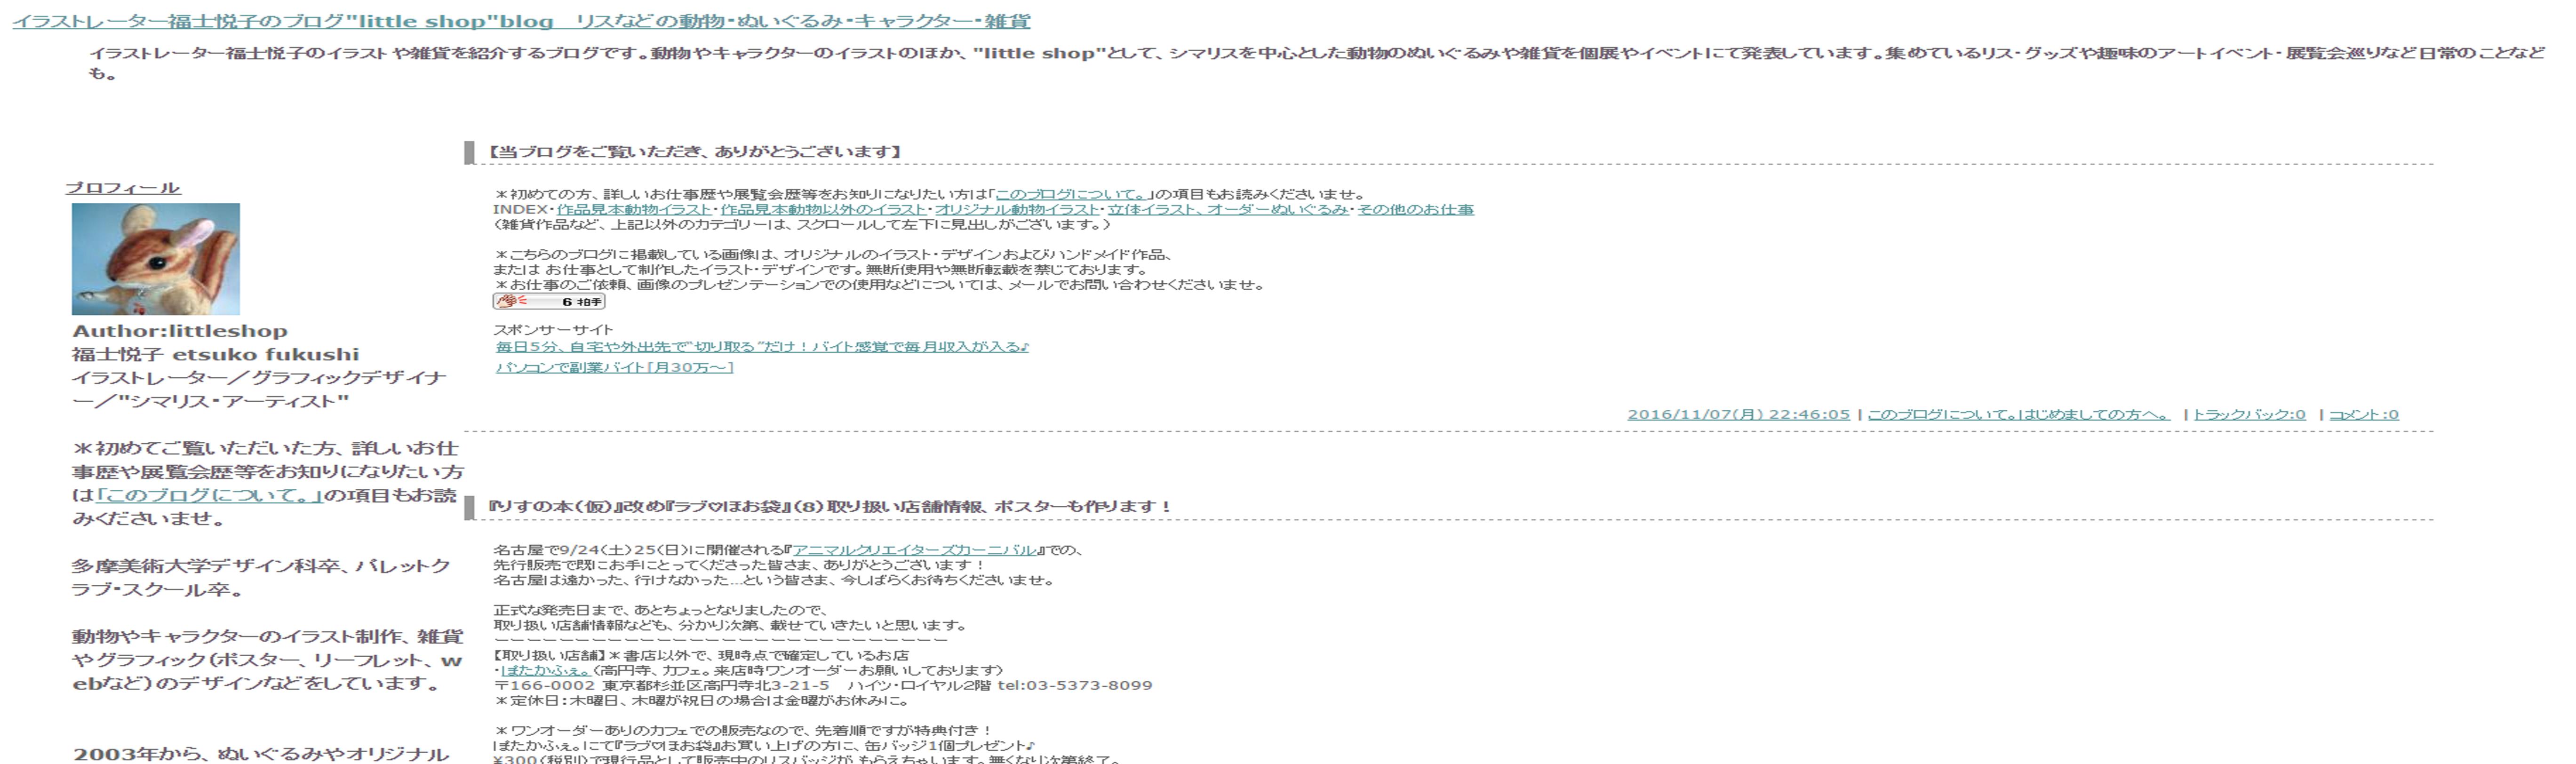 """イラストレーター福士悦子のブログ""""little shop""""b..."""